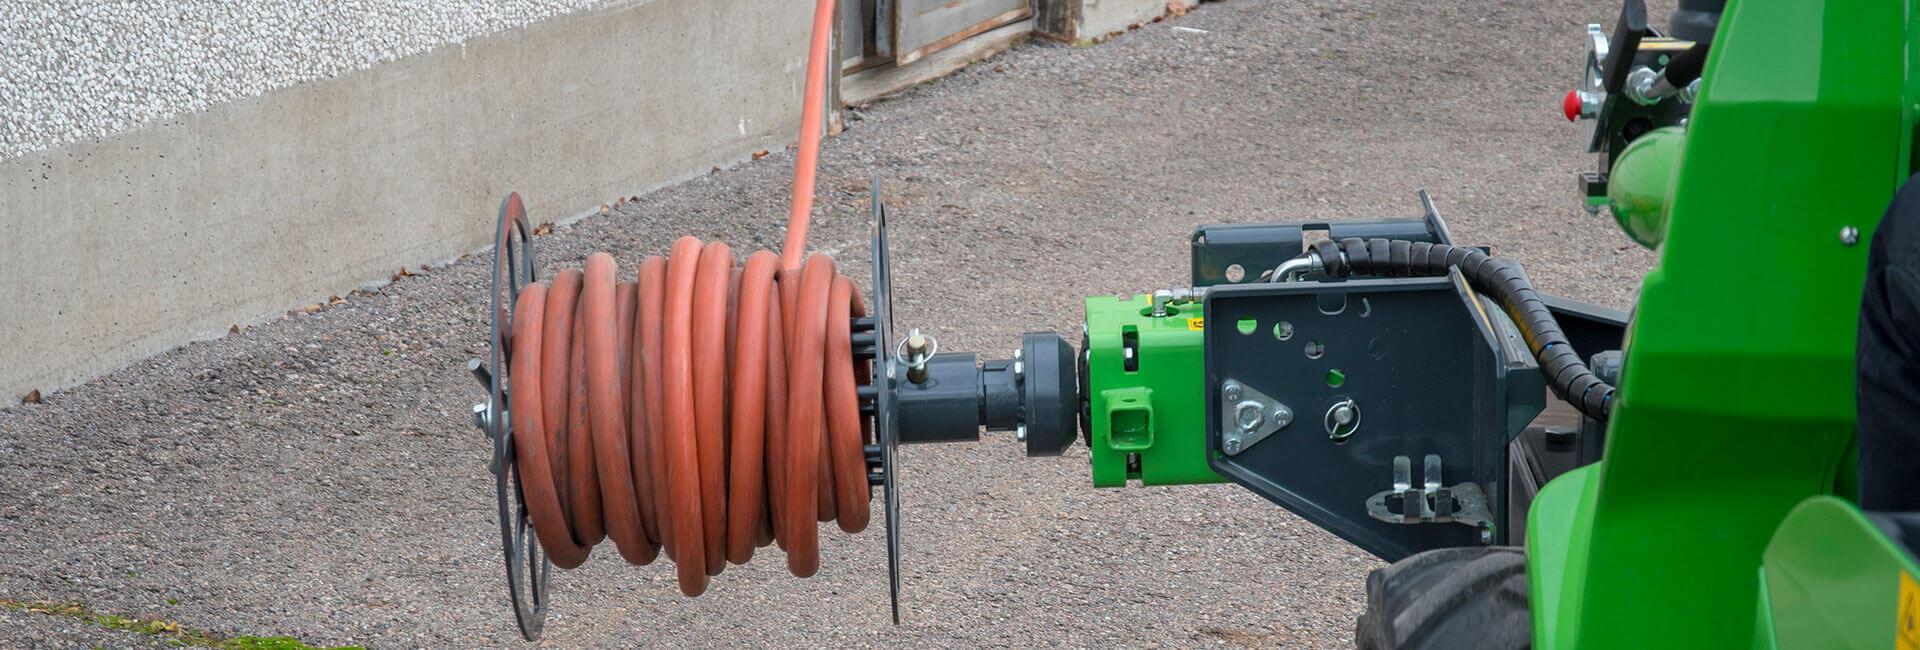 miljøbillede af AVANT med kabel- og slangeopruller